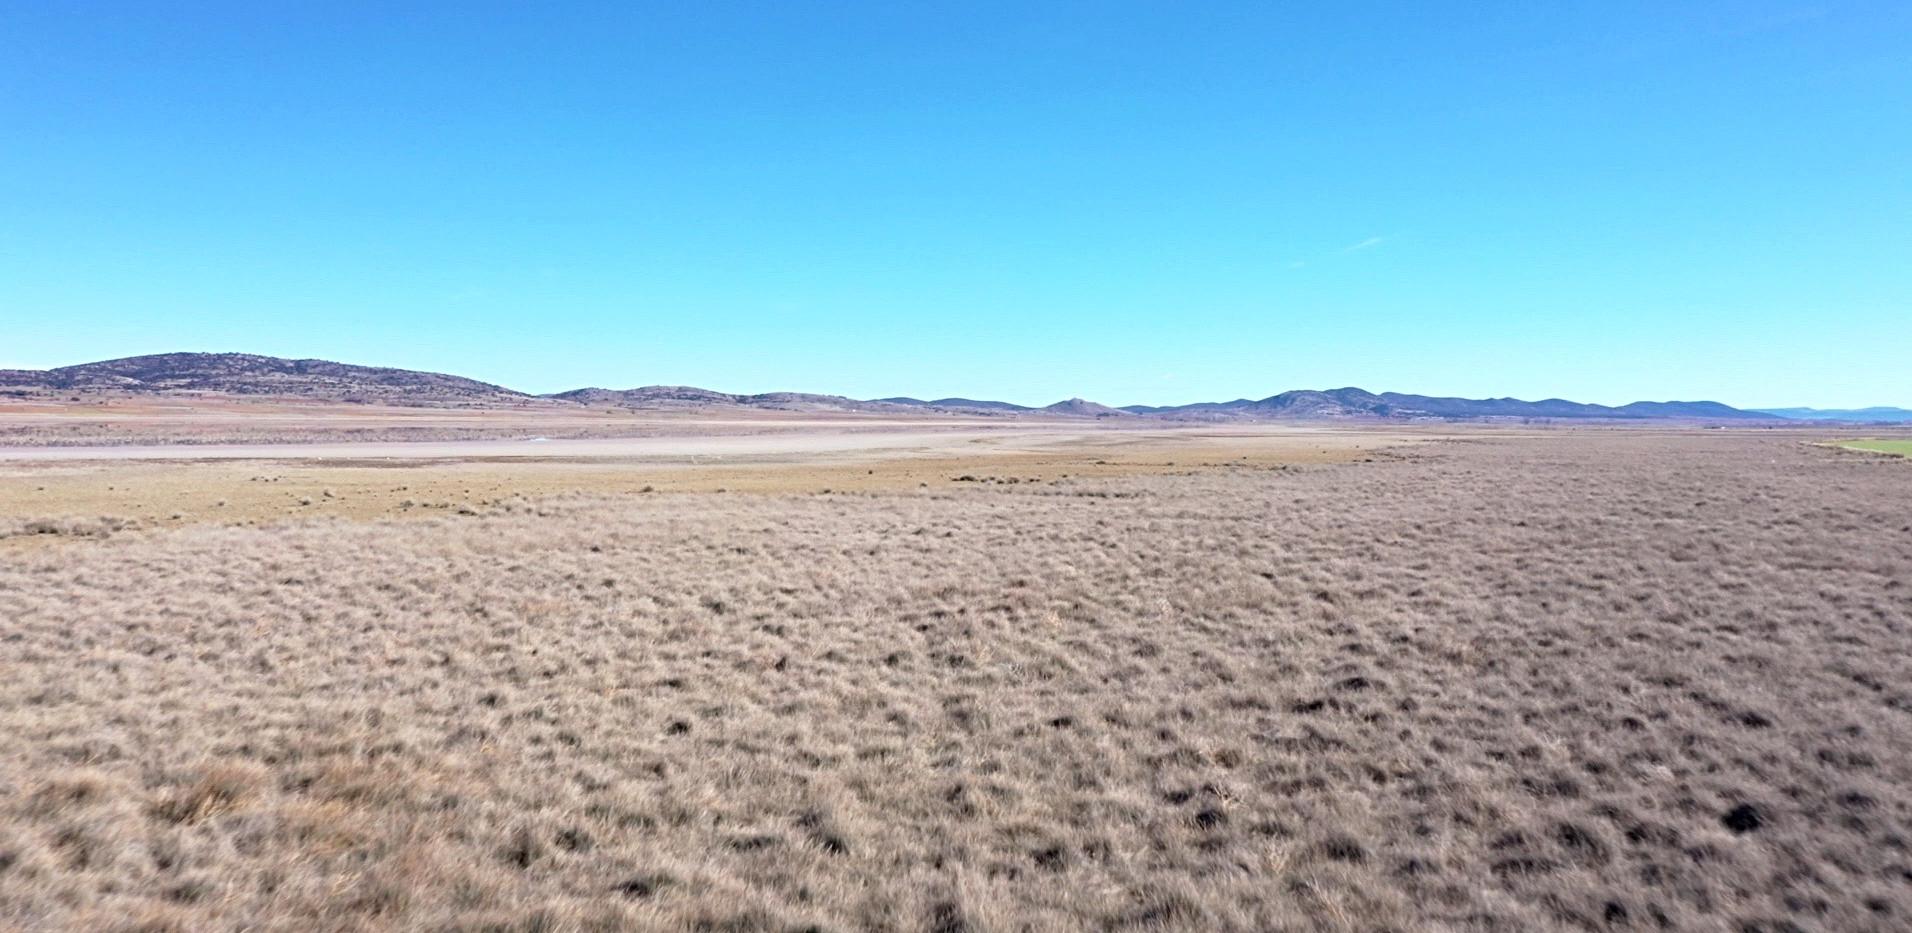 Desierto / Desert